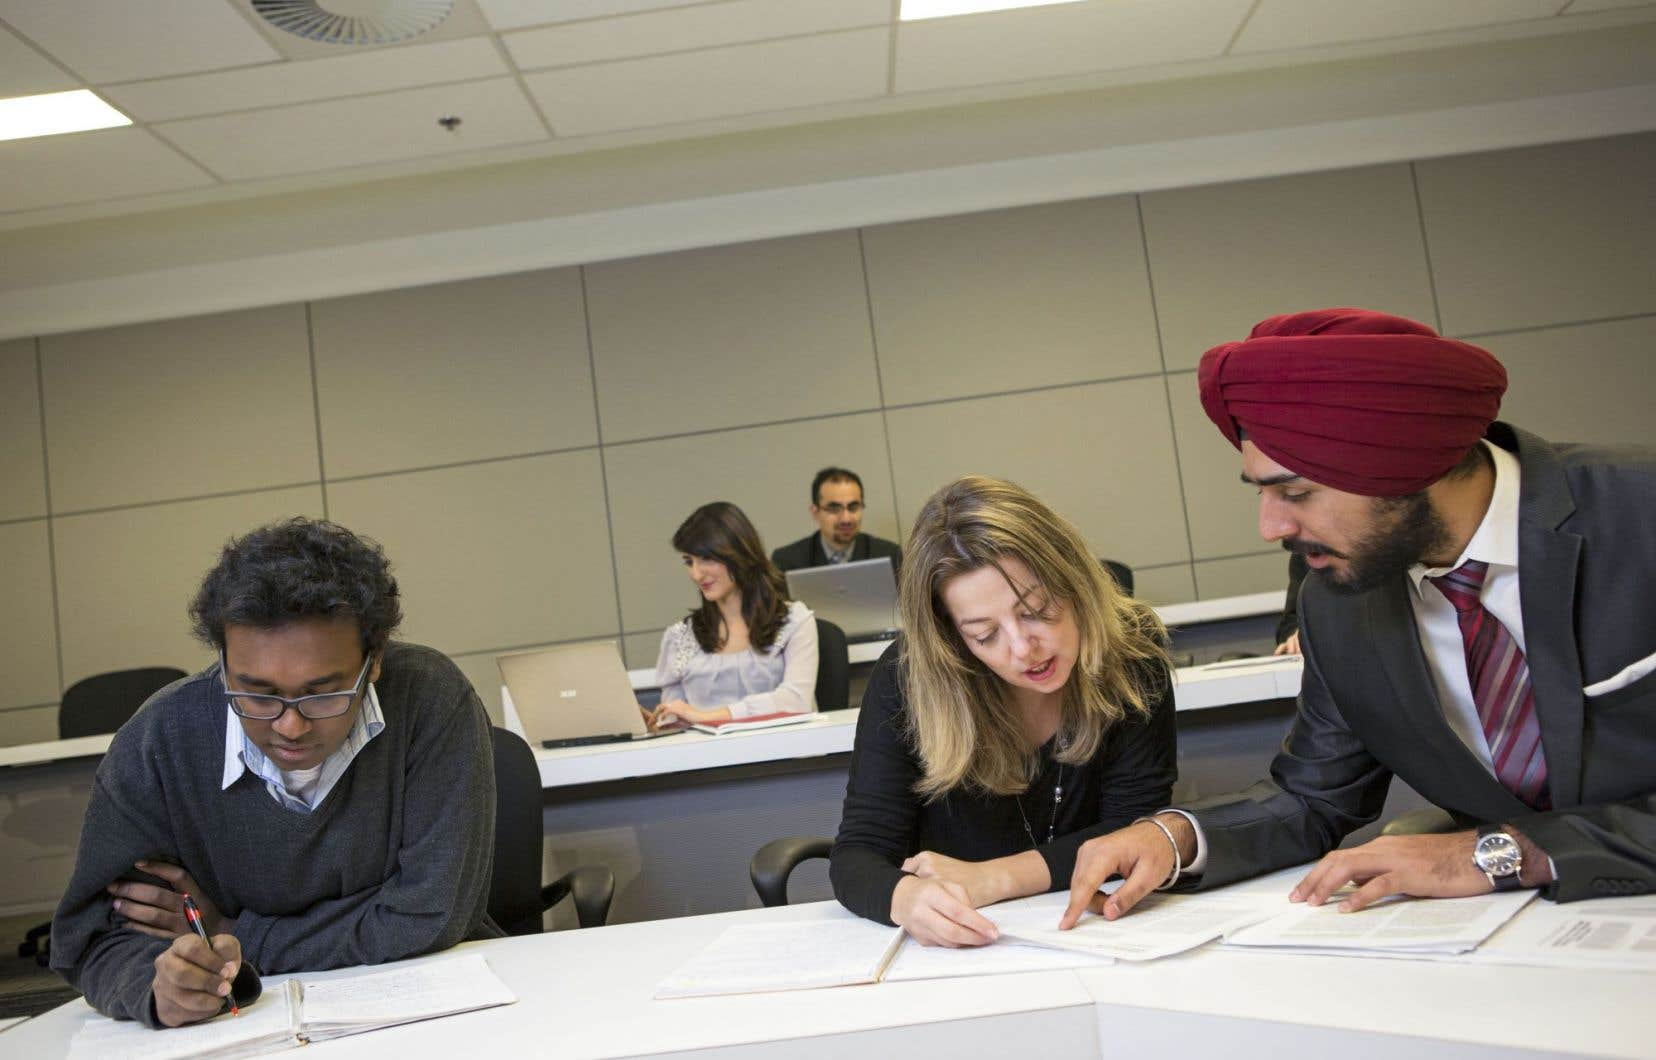 L'âge moyen des étudiants au MBA à Concordia est de 29ans, et au moment de leur entrée au programme, ils ont déjà, en moyenne, cinq années d'expérience sur le marché du travail.